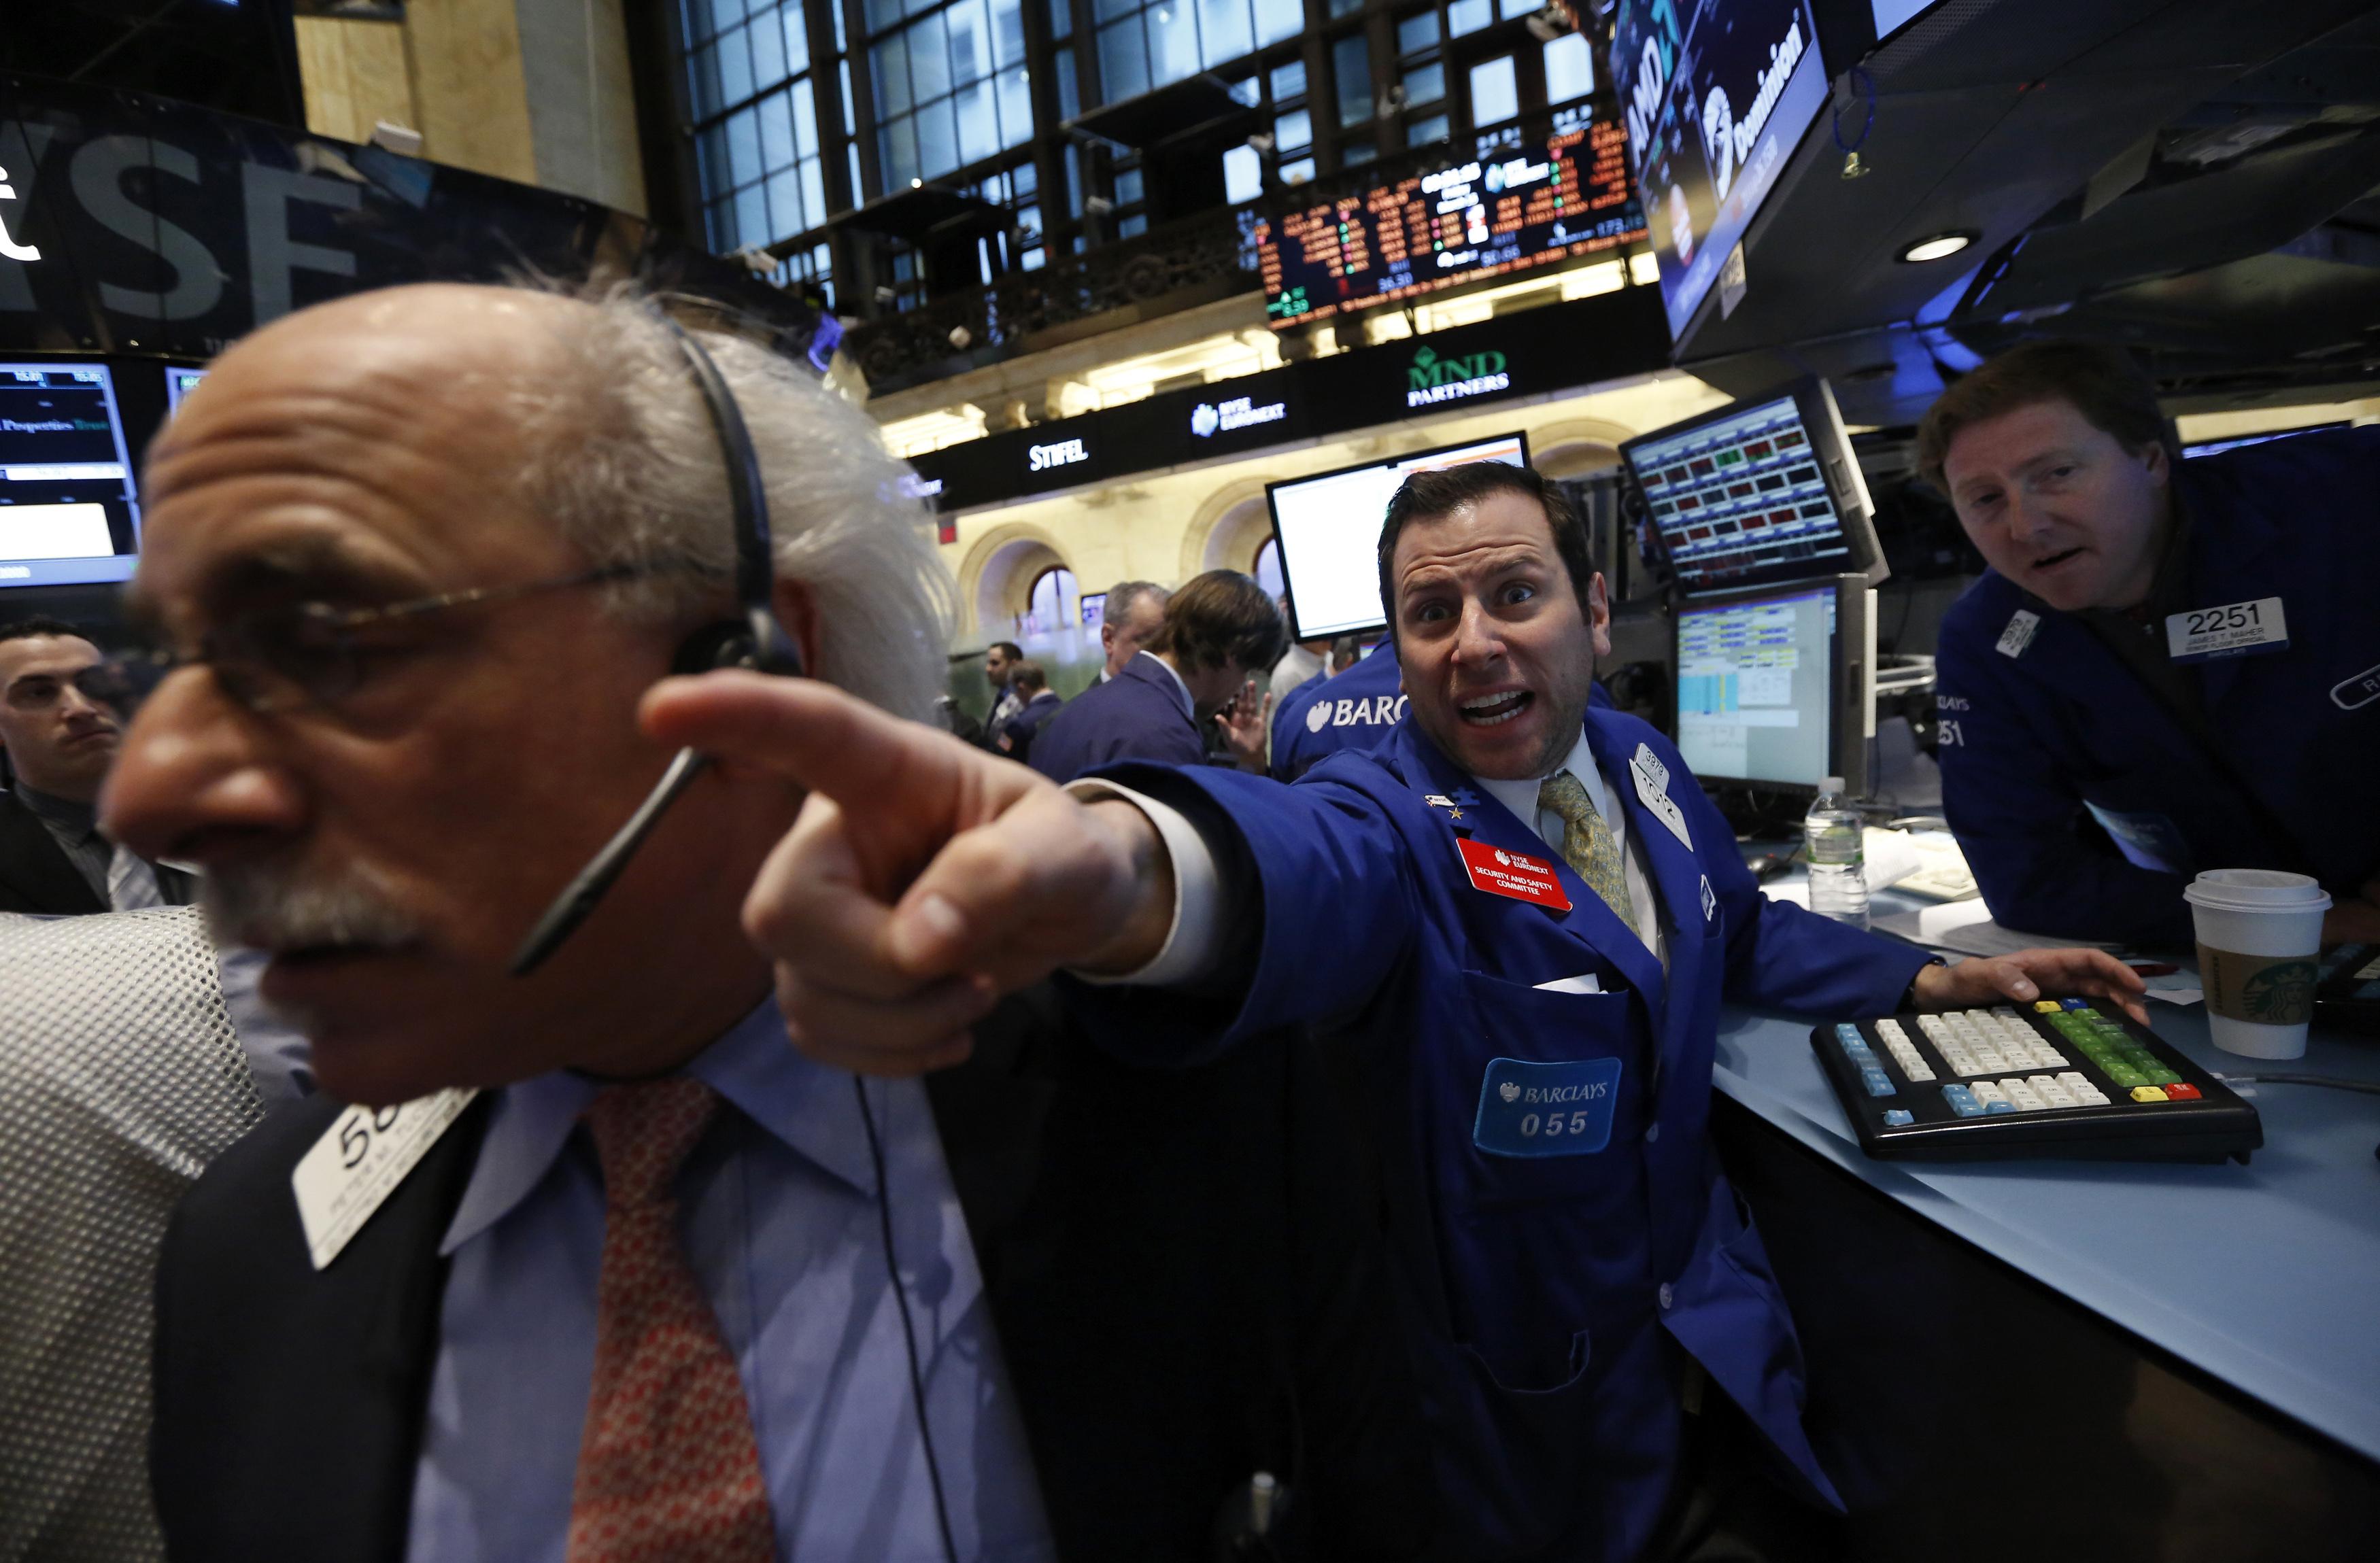 dezastru-la-bursa-din-china-peste-1000-de-companii-au-